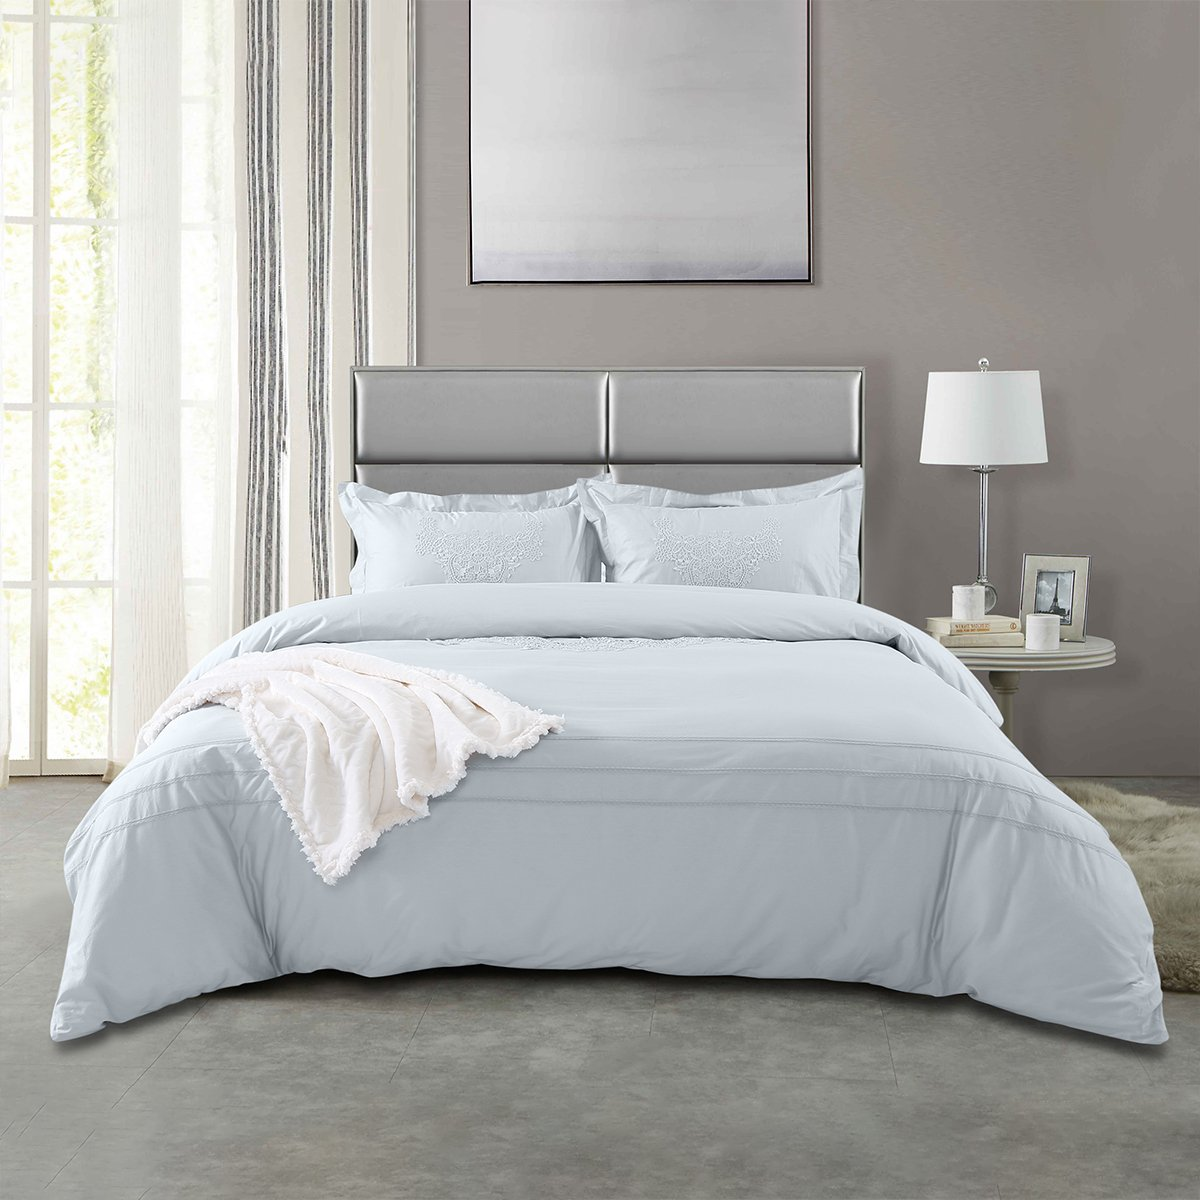 Ramada【年底清仓】全棉刺绣四件套床上套件四件套床上用品纯棉四件套COLOR银灰色